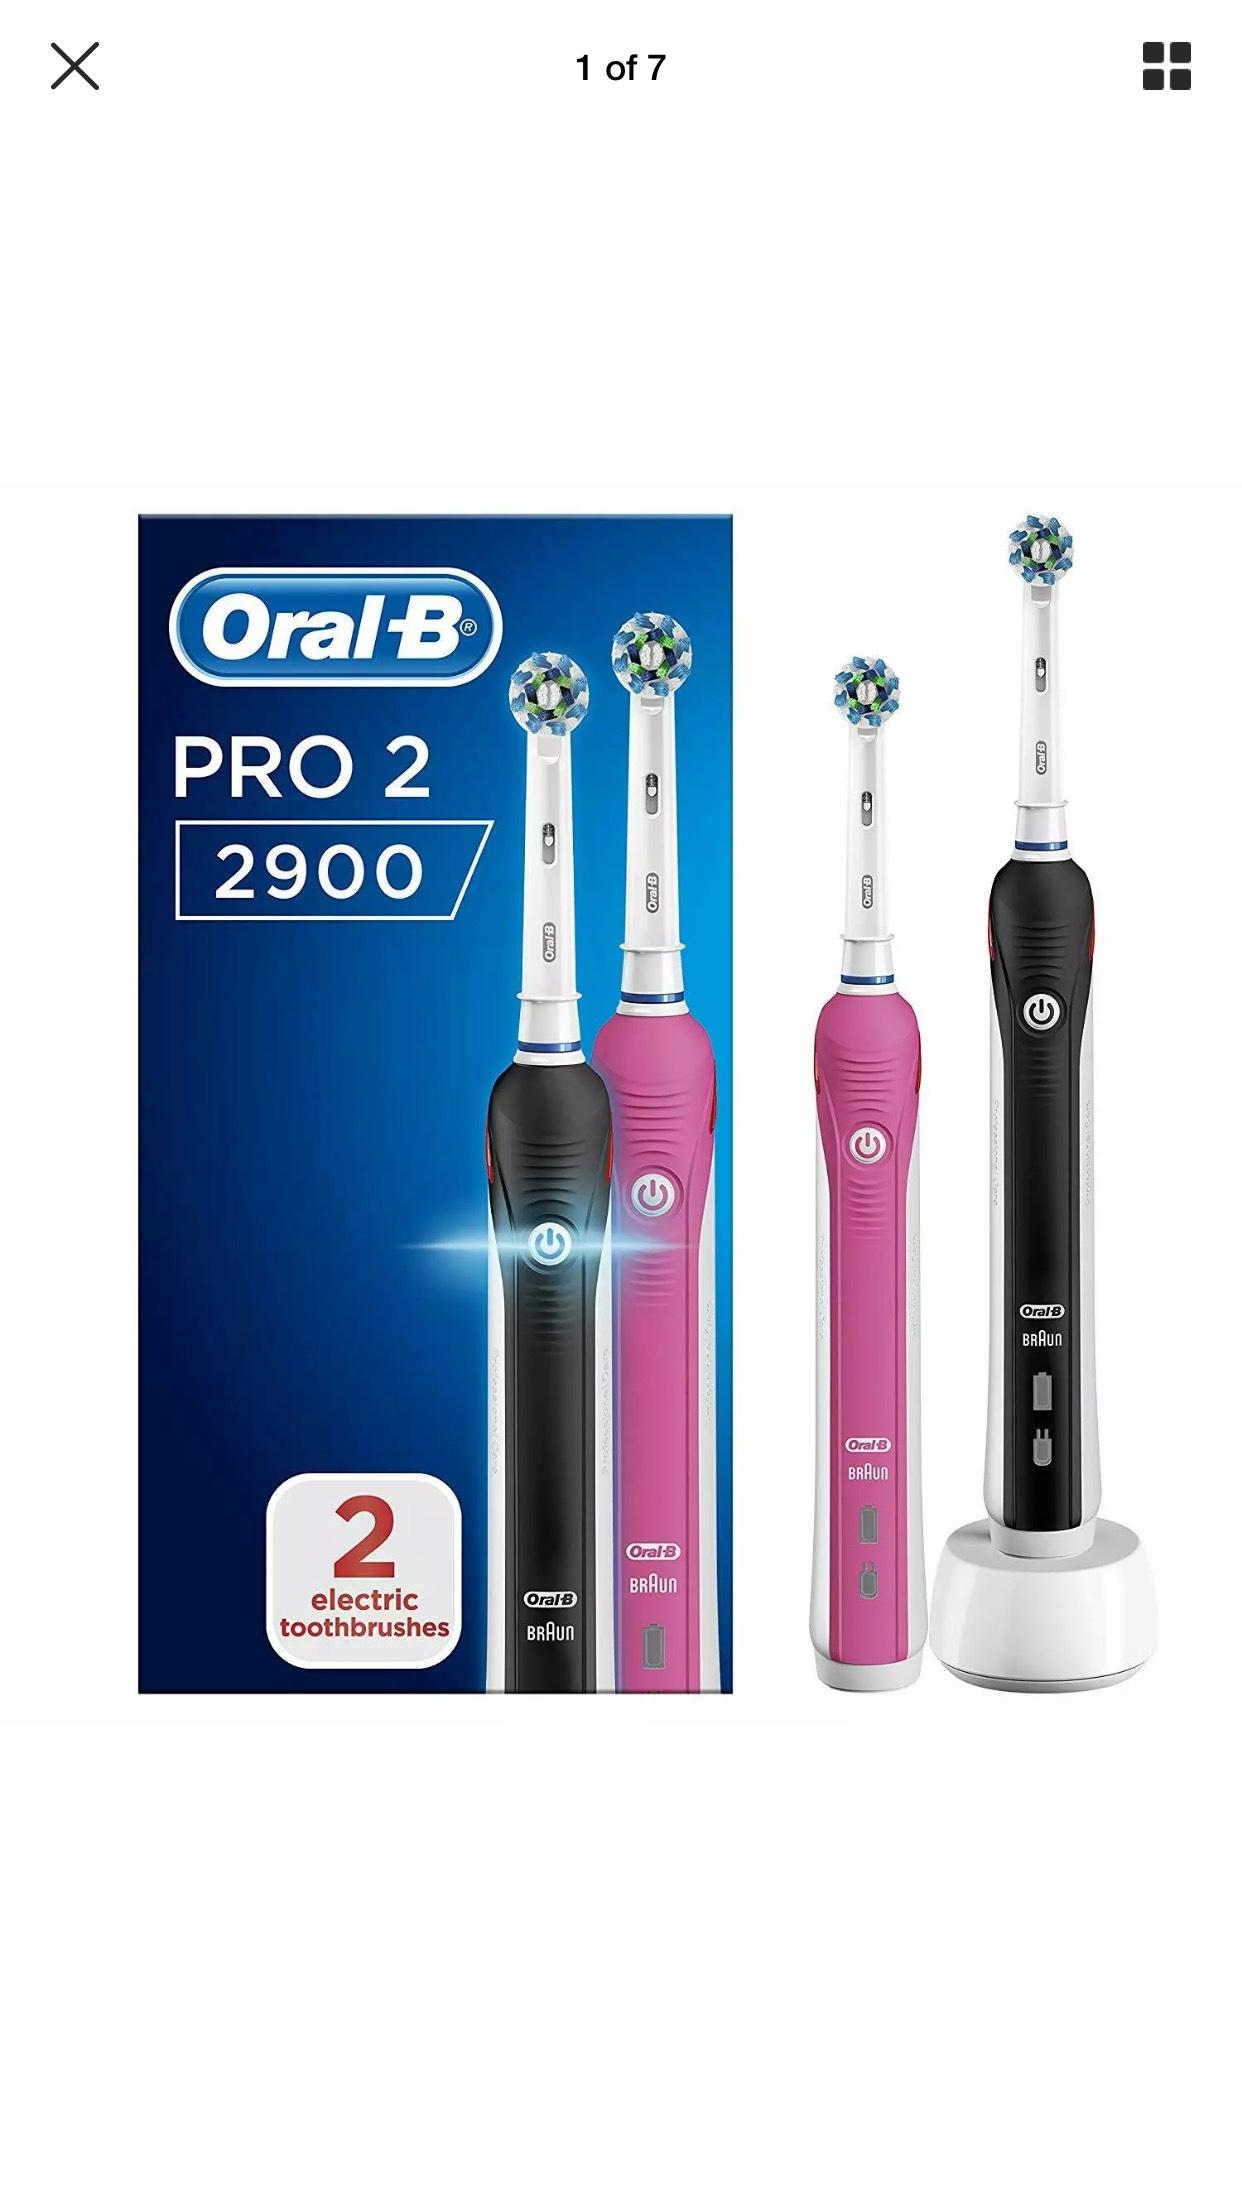 Oral-b pro 2 2900 pack of 2 at Ebay/Avantgardebrands for £39.99